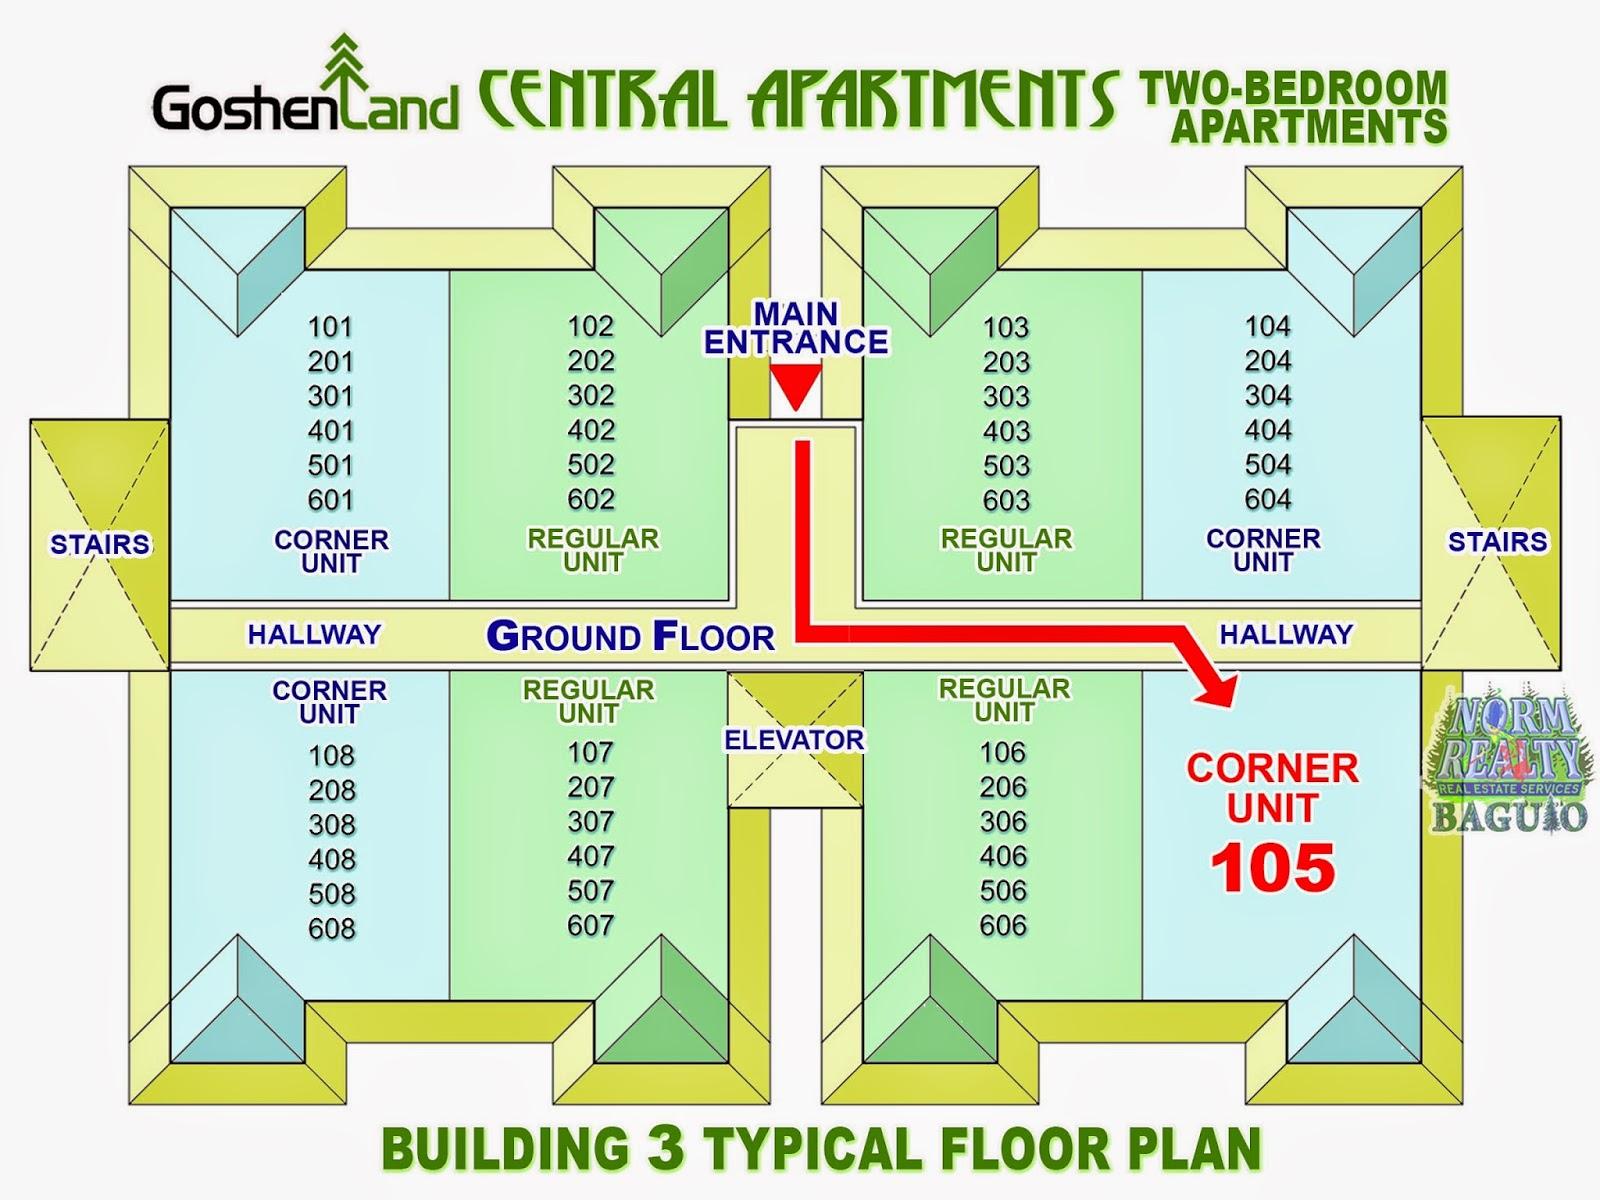 24 Unit Apartment Building Plans Images